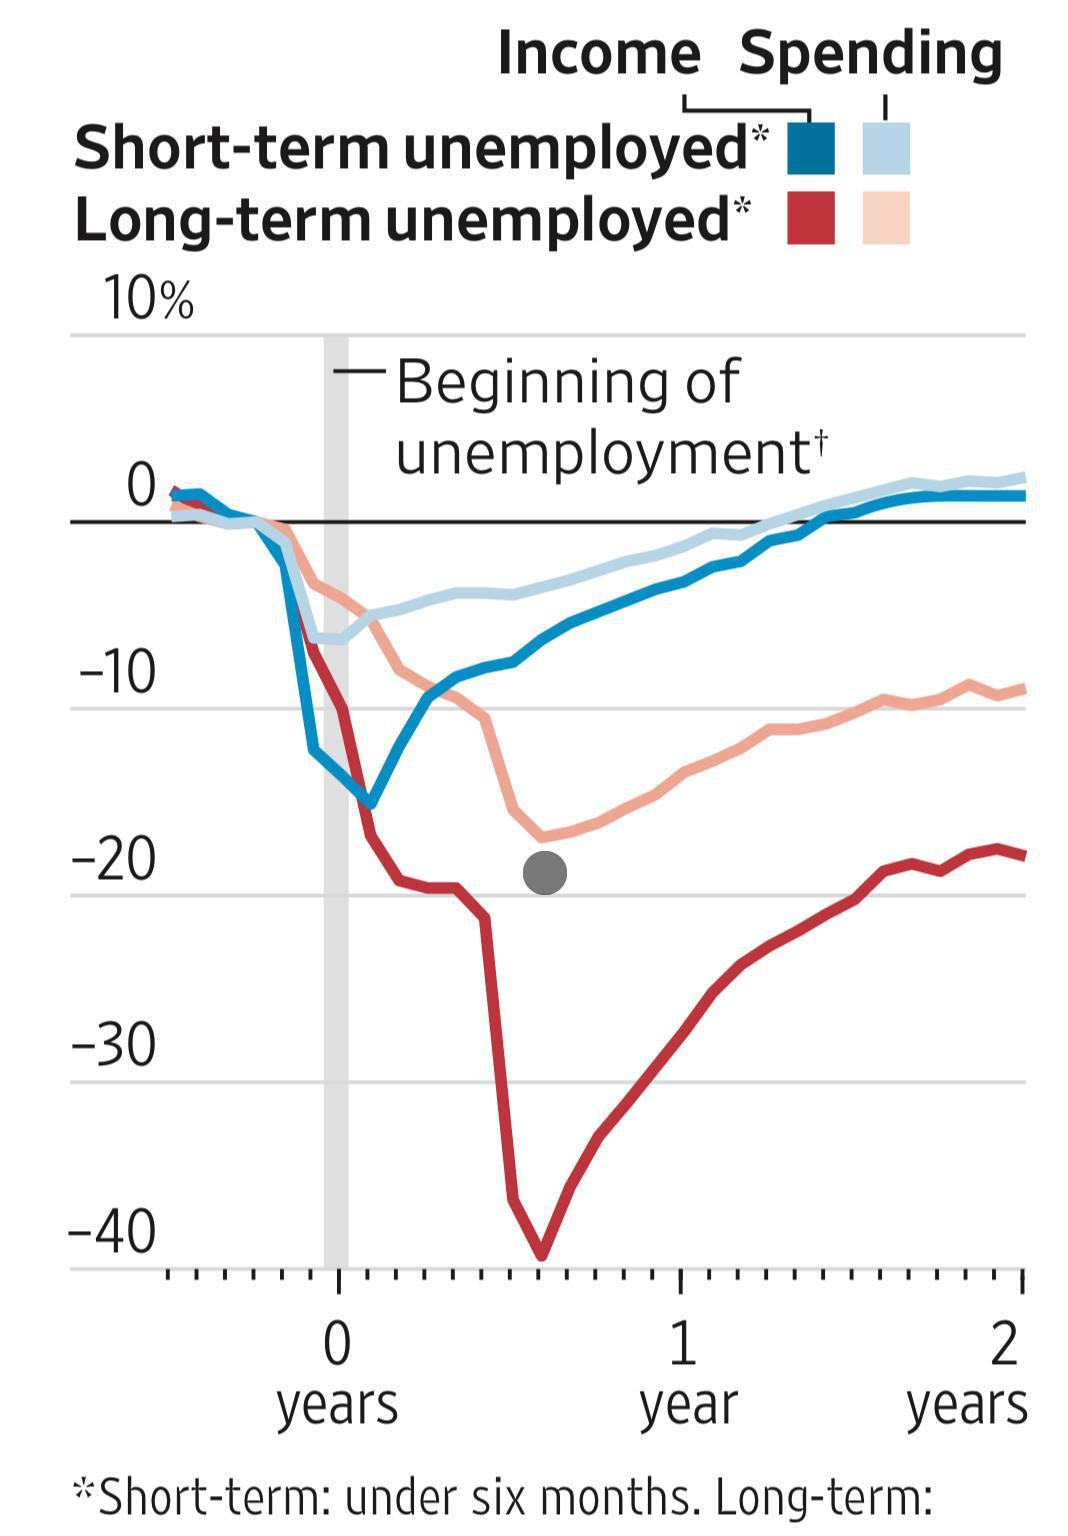 华尔街日报:避免大萧条的办法是尽可能让更多企业存活